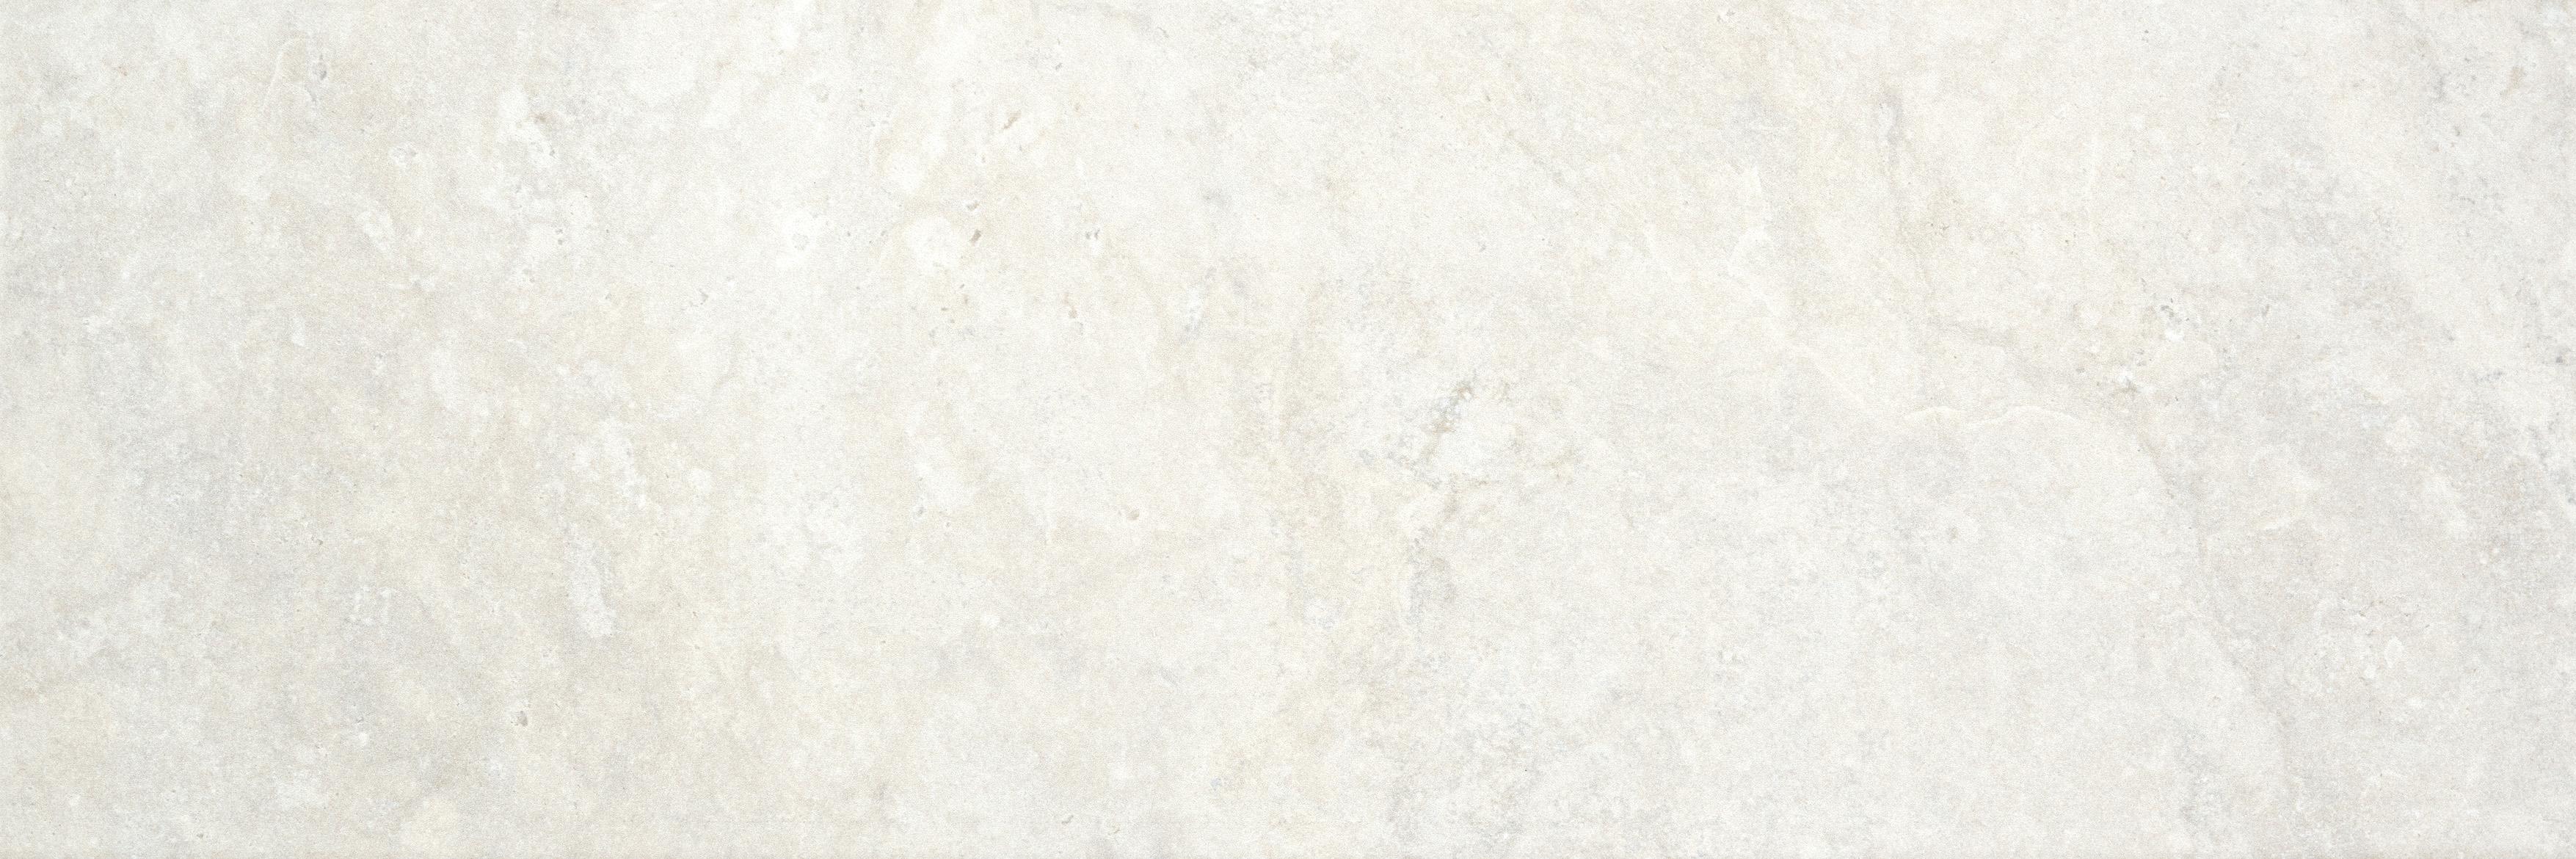 Bowland white mate 20x60 - Hansas Plaadimaailm